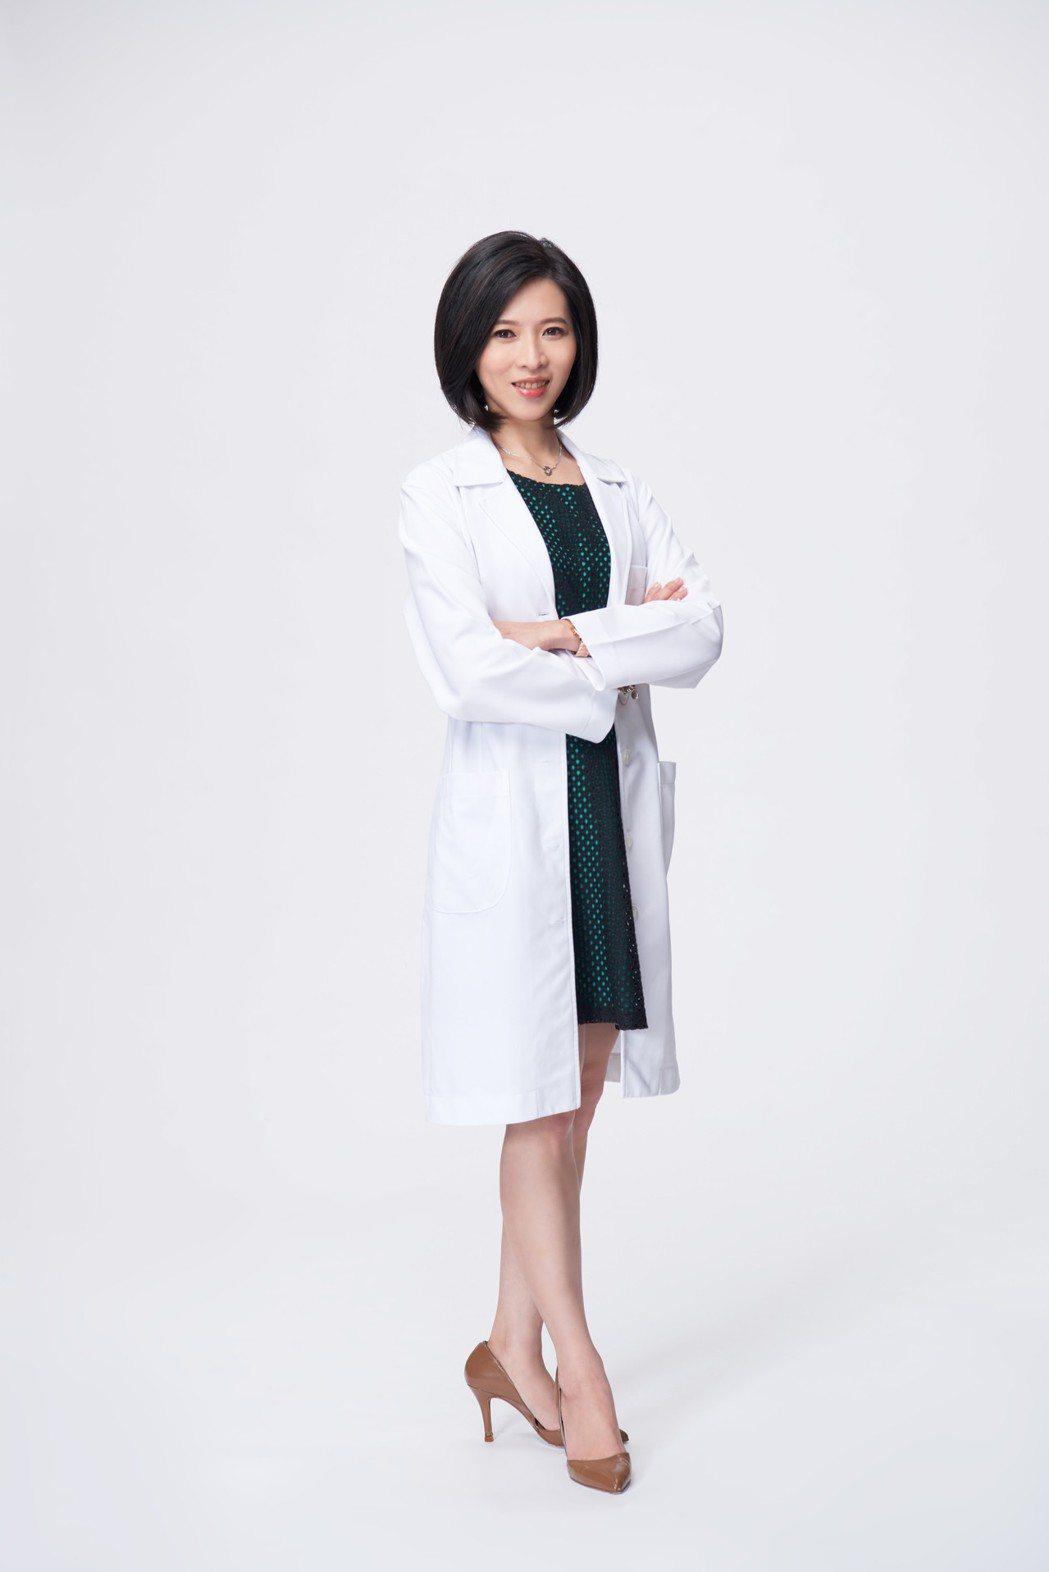 方穎涵醫師強調,生技生醫領域的發展對於醫美產業來說,是最直接的應用關係。星和診所...